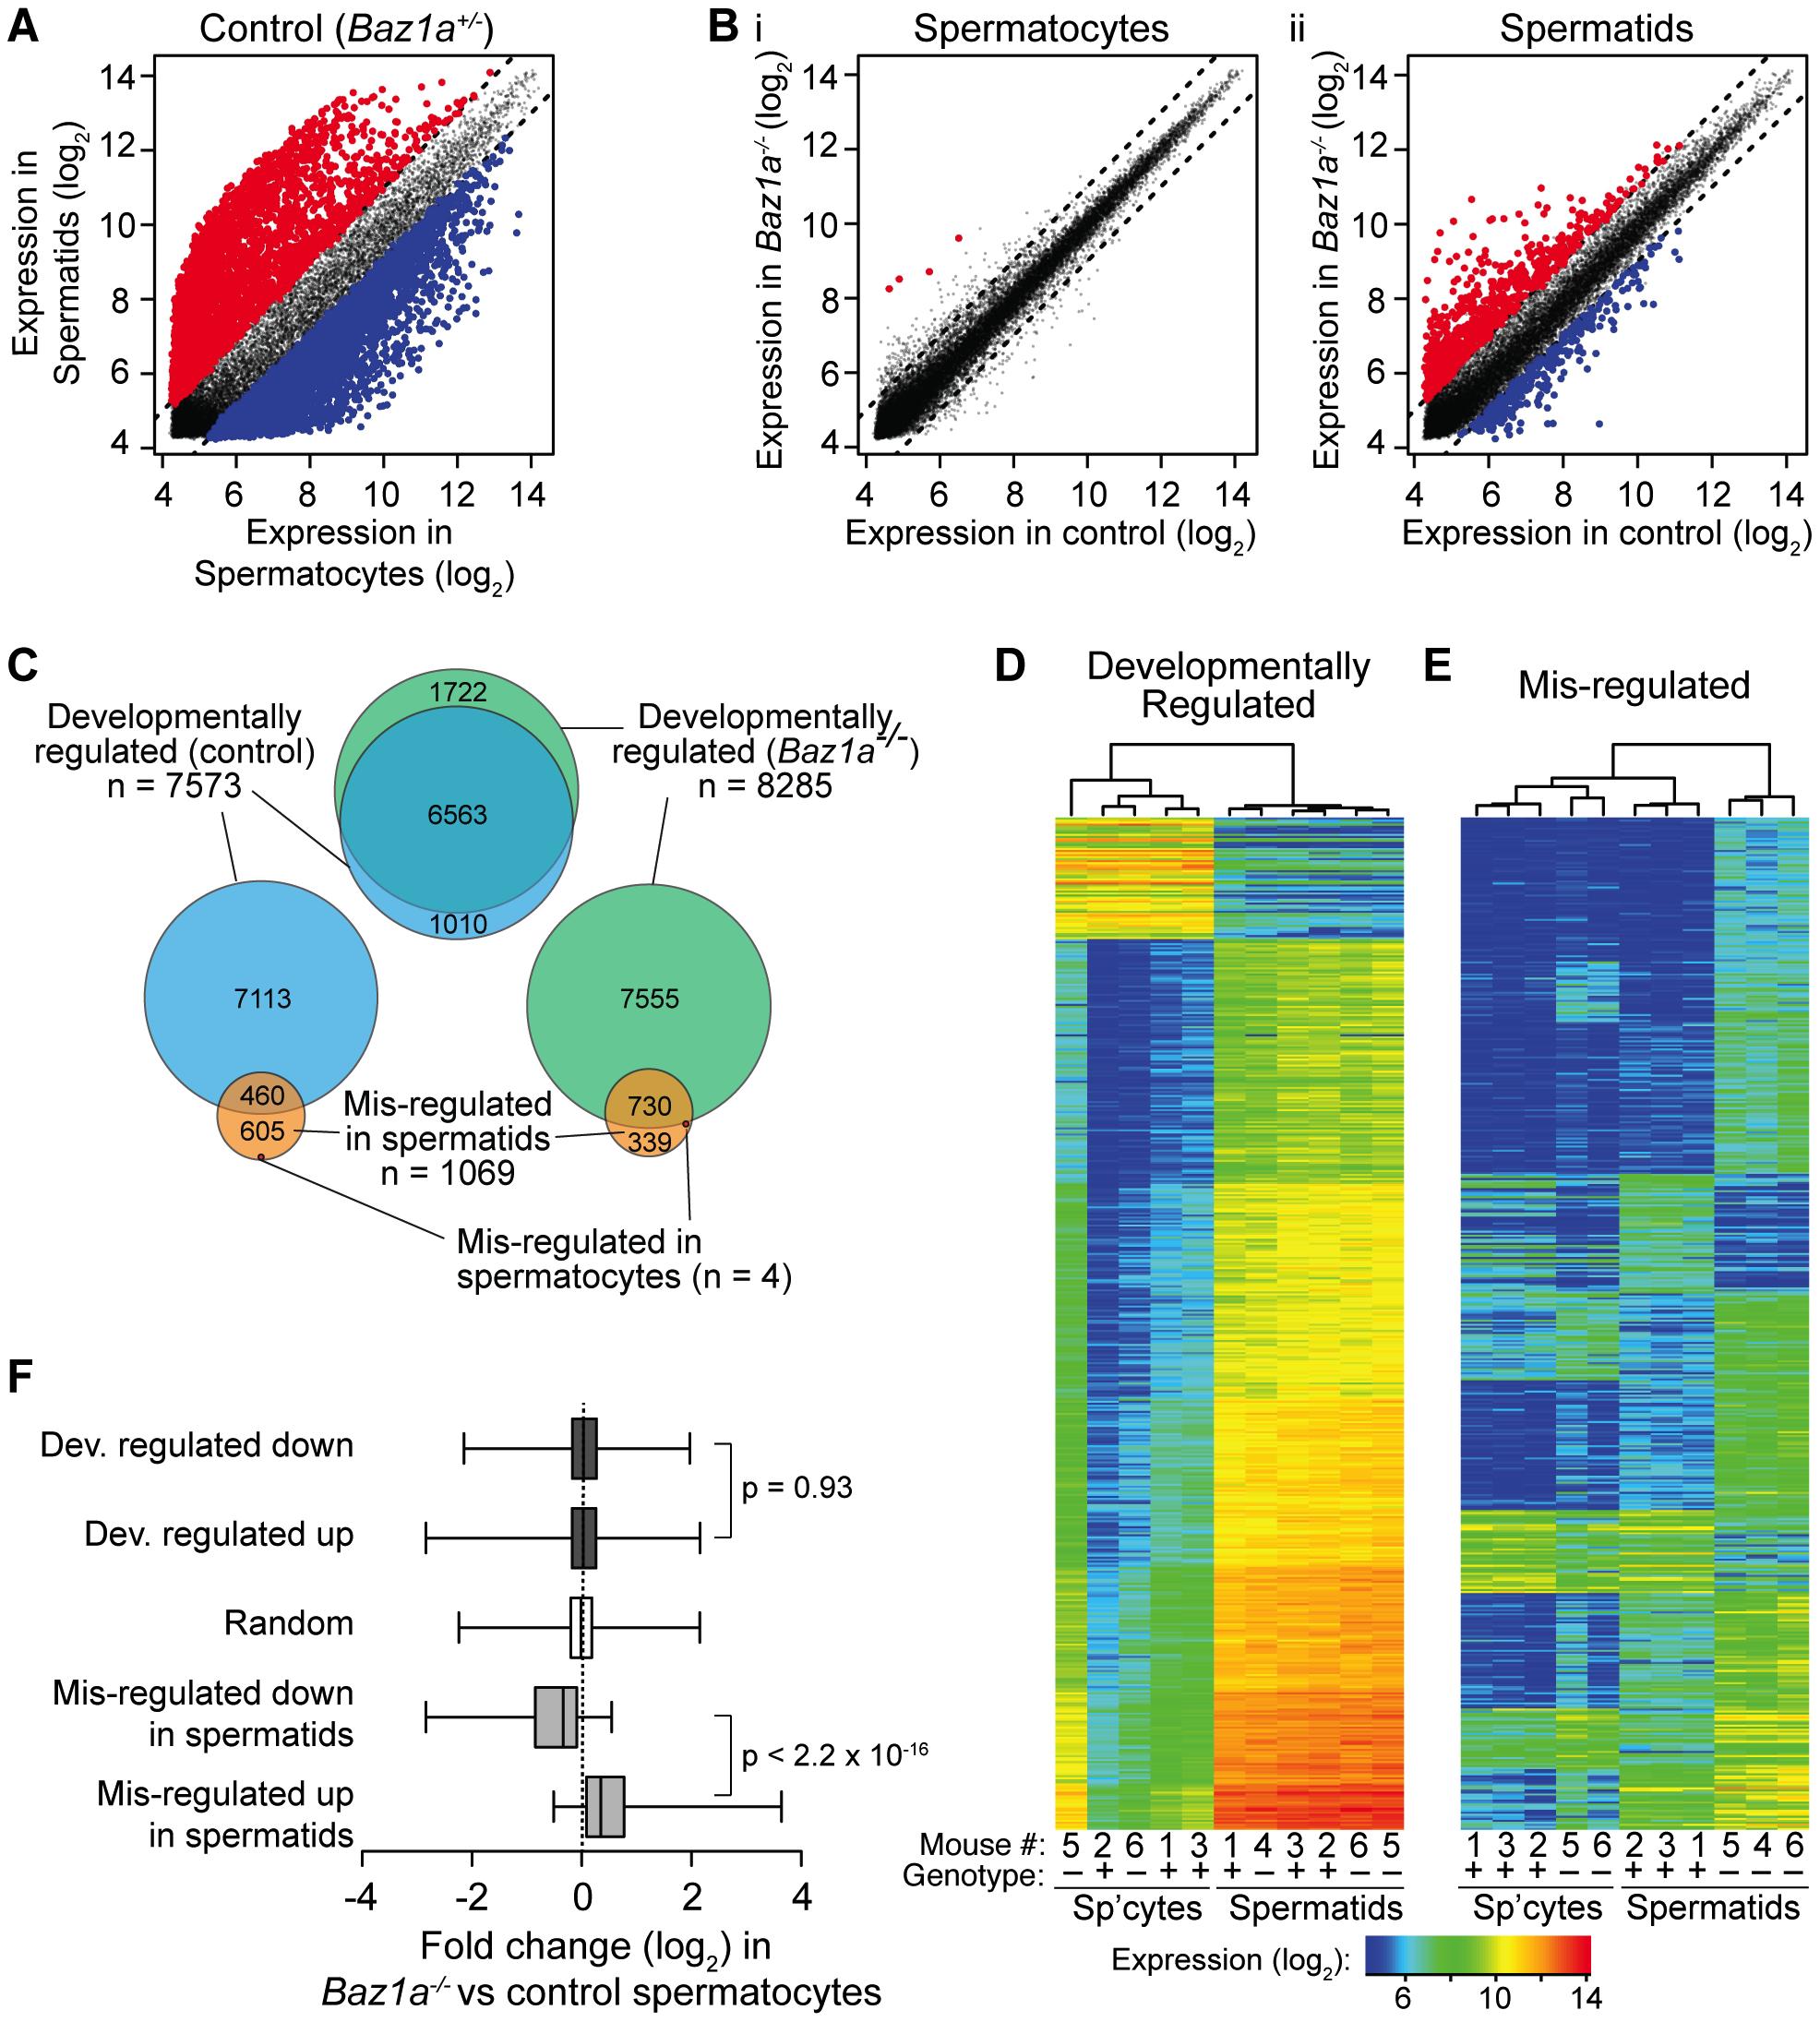 Wide-spread transcriptional perturbations in <i>Baz1a</i>-deficient spermatids.